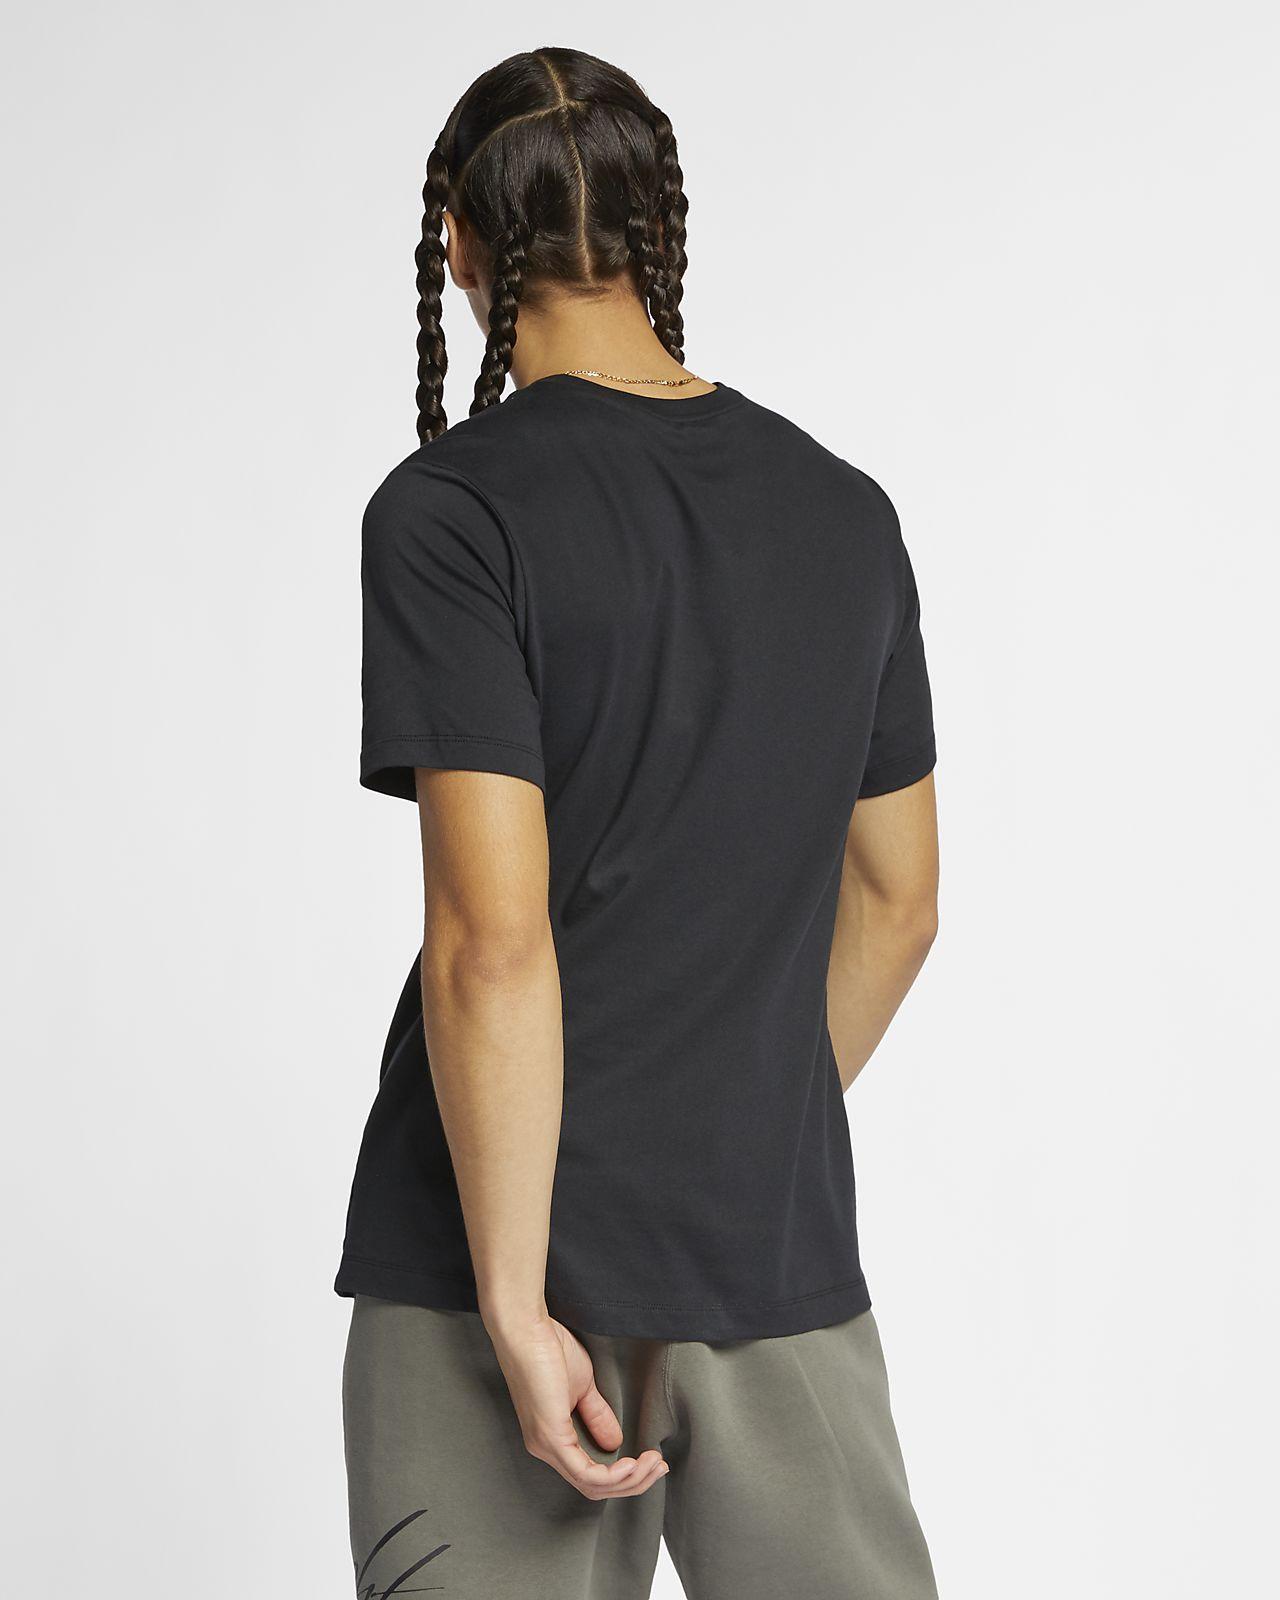 7d5cb3daae Jordan Jumpman Flight Men's T-Shirt. Nike.com